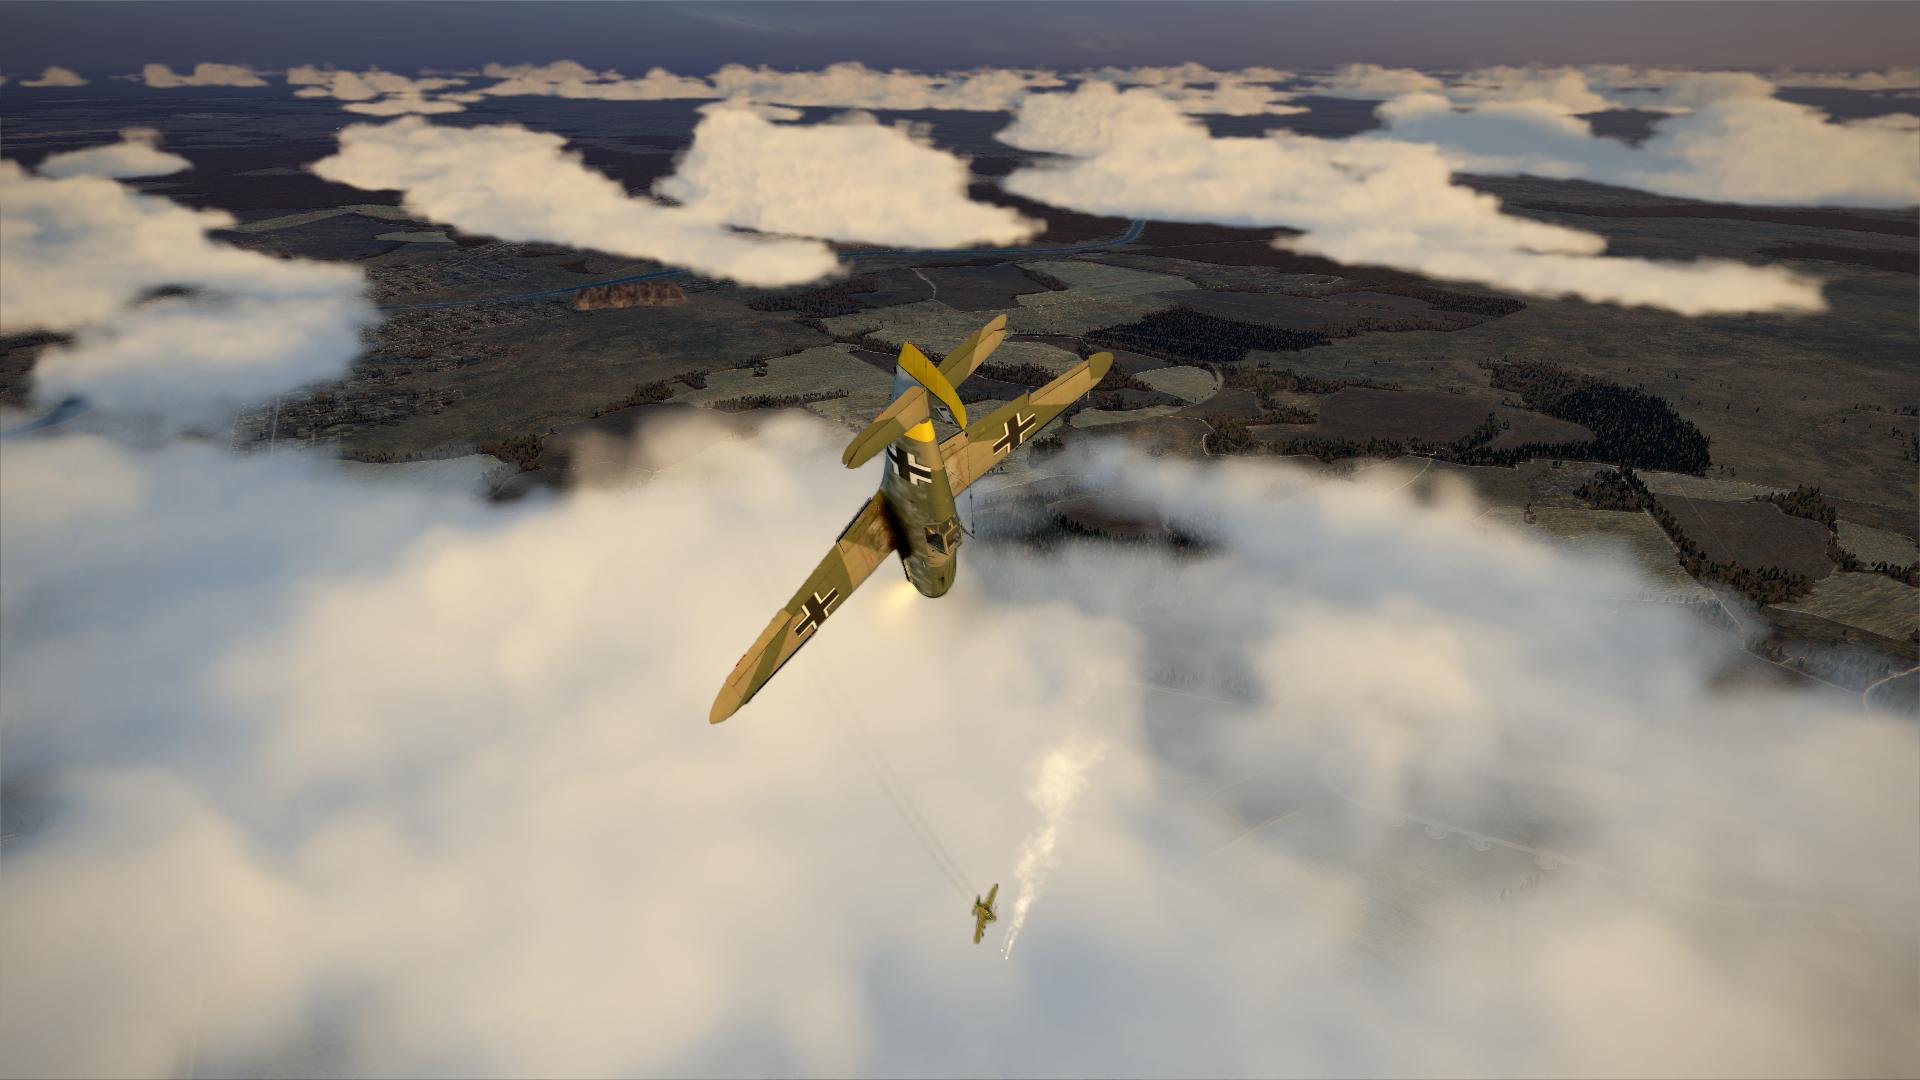 IL-2 Sturmovik Battle of Stalingrad Screenshot 2020.03.24 - 15.26.36.33.png